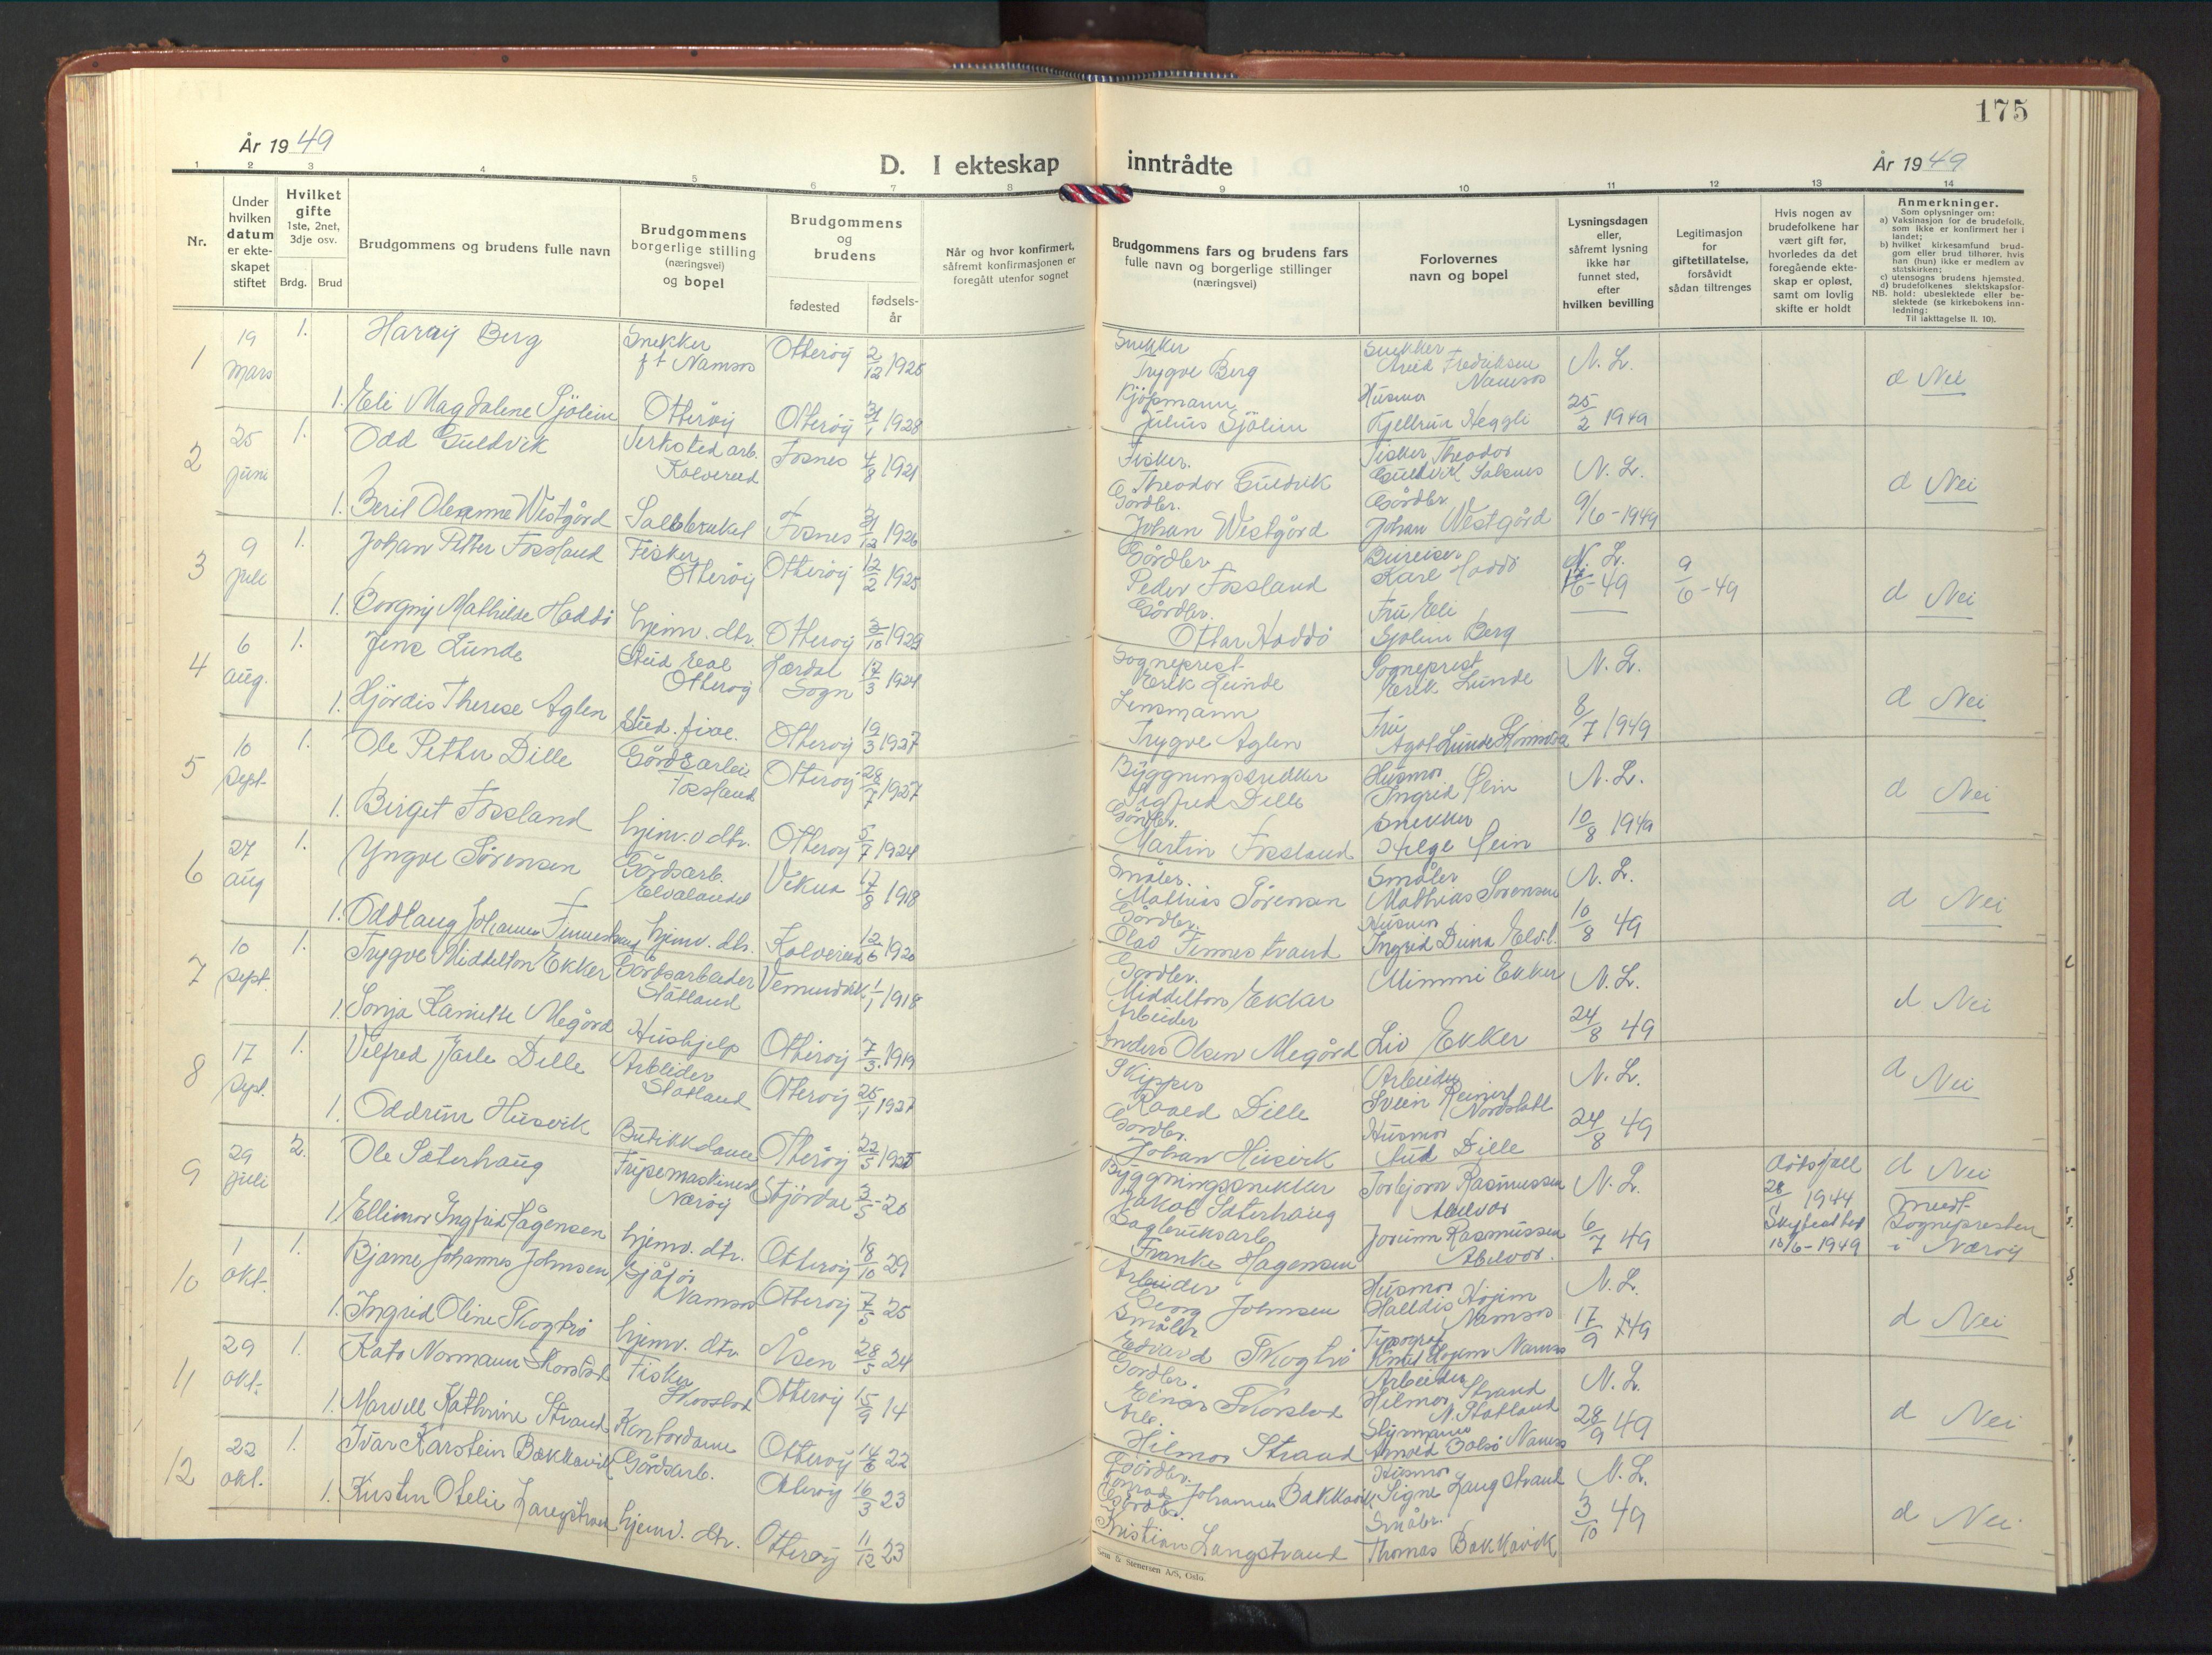 SAT, Ministerialprotokoller, klokkerbøker og fødselsregistre - Nord-Trøndelag, 774/L0631: Klokkerbok nr. 774C02, 1934-1950, s. 175